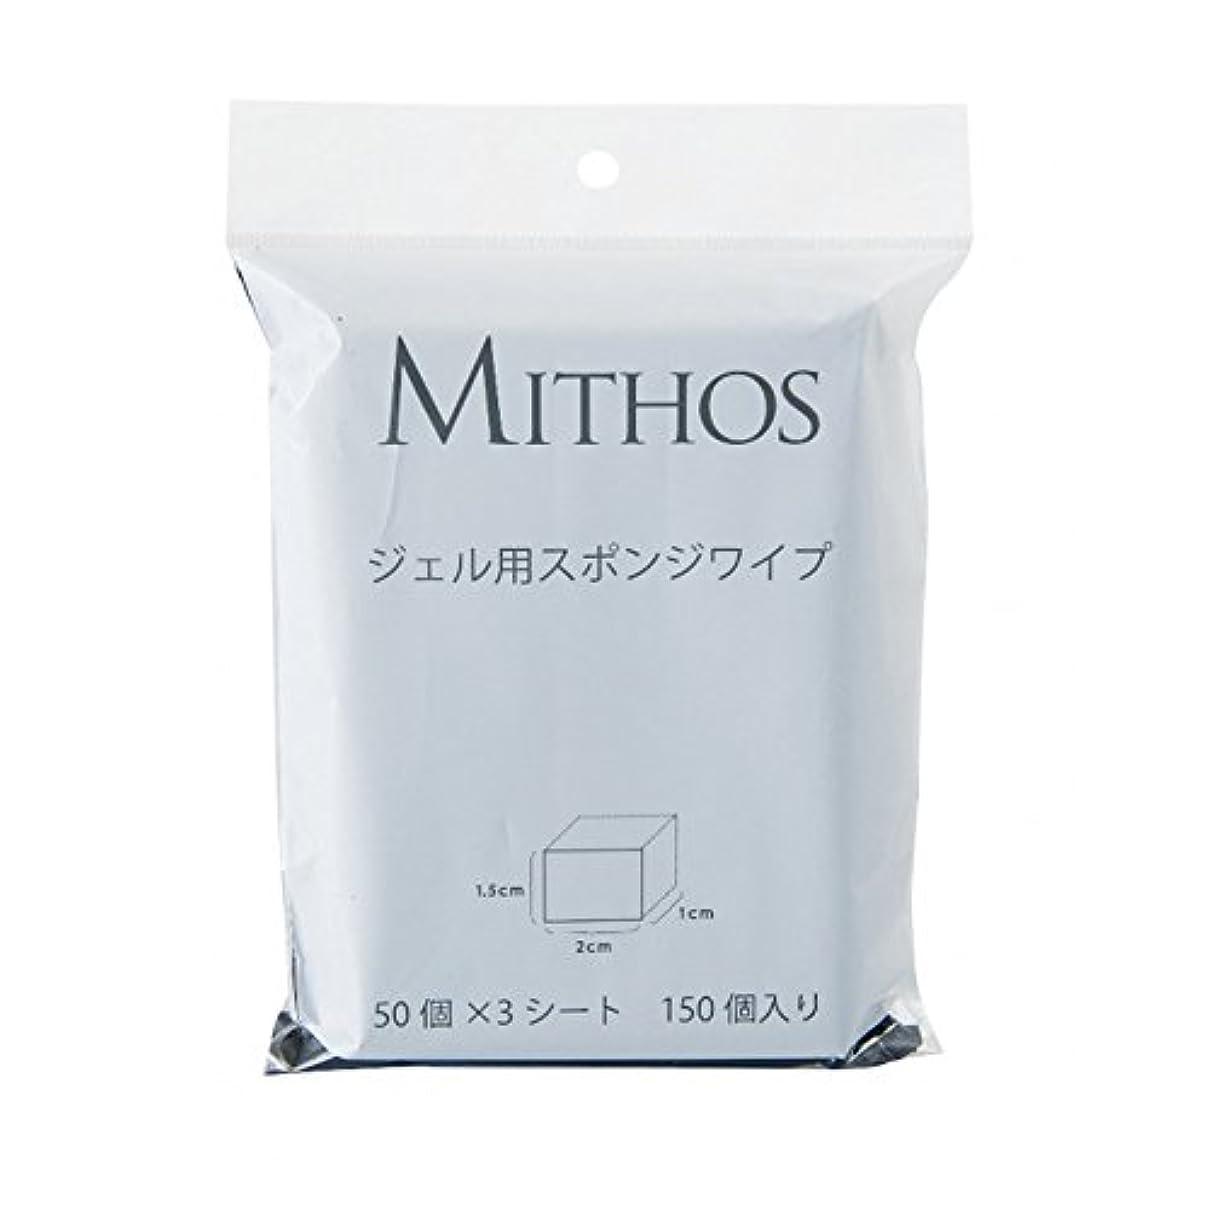 スポットソーダ水大聖堂MITHOS ジェル用スポンジワイプ 150P 1.5×2×1cm 50個×3シート